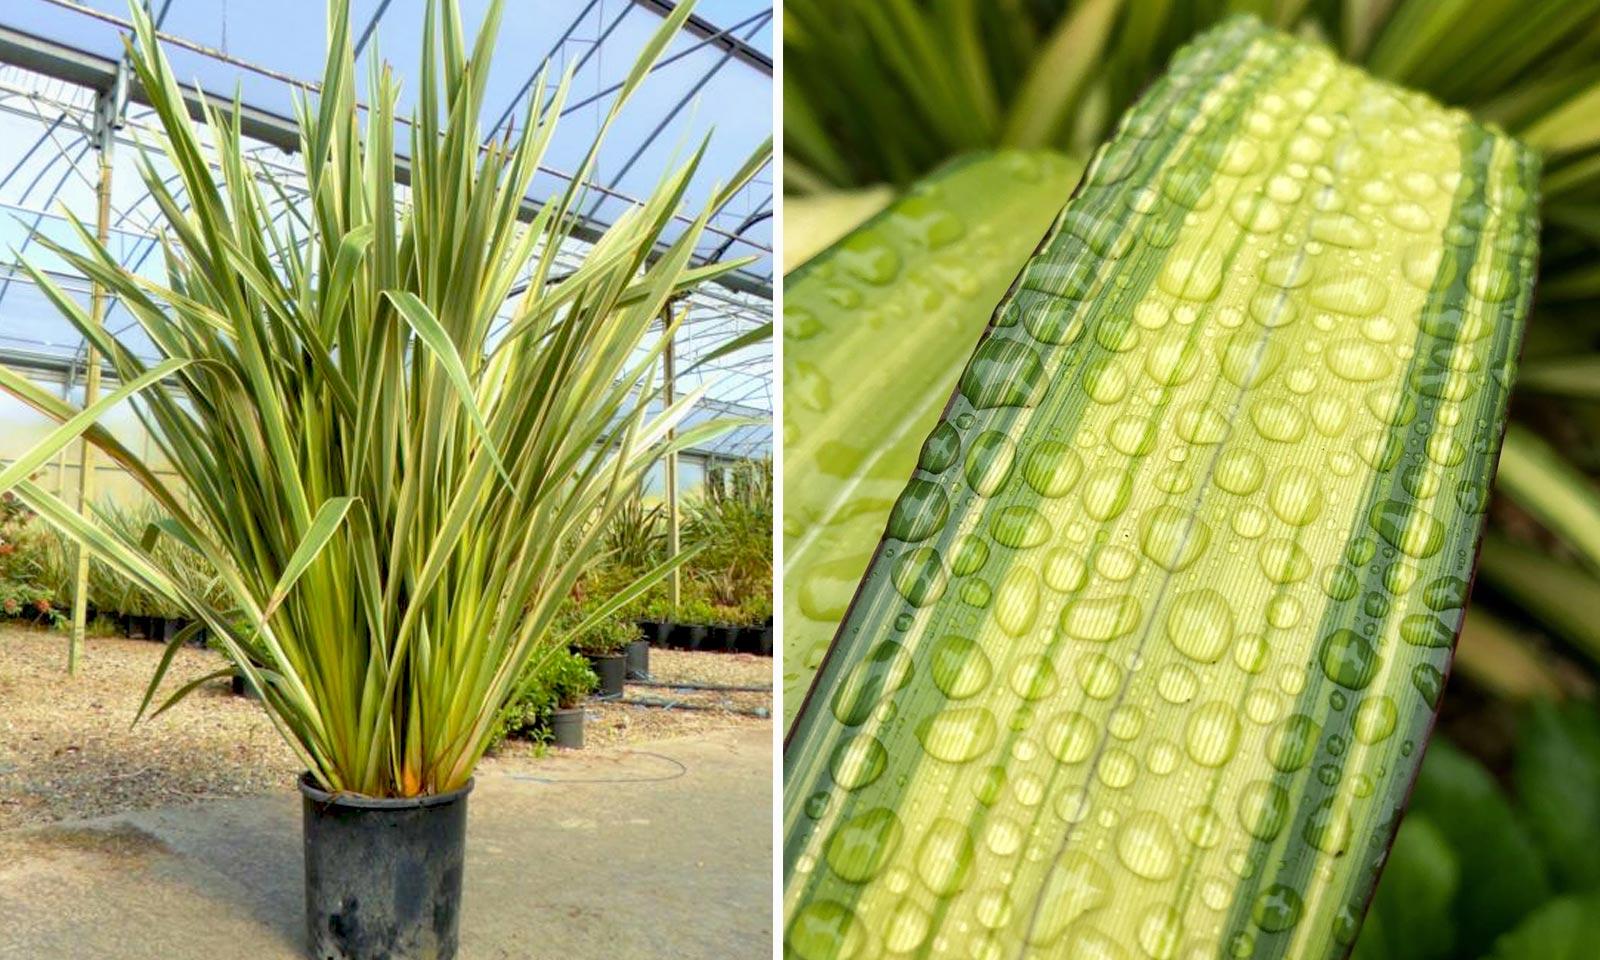 Phormium Tenax Veriegatum (Variegated New Zealand Flax)